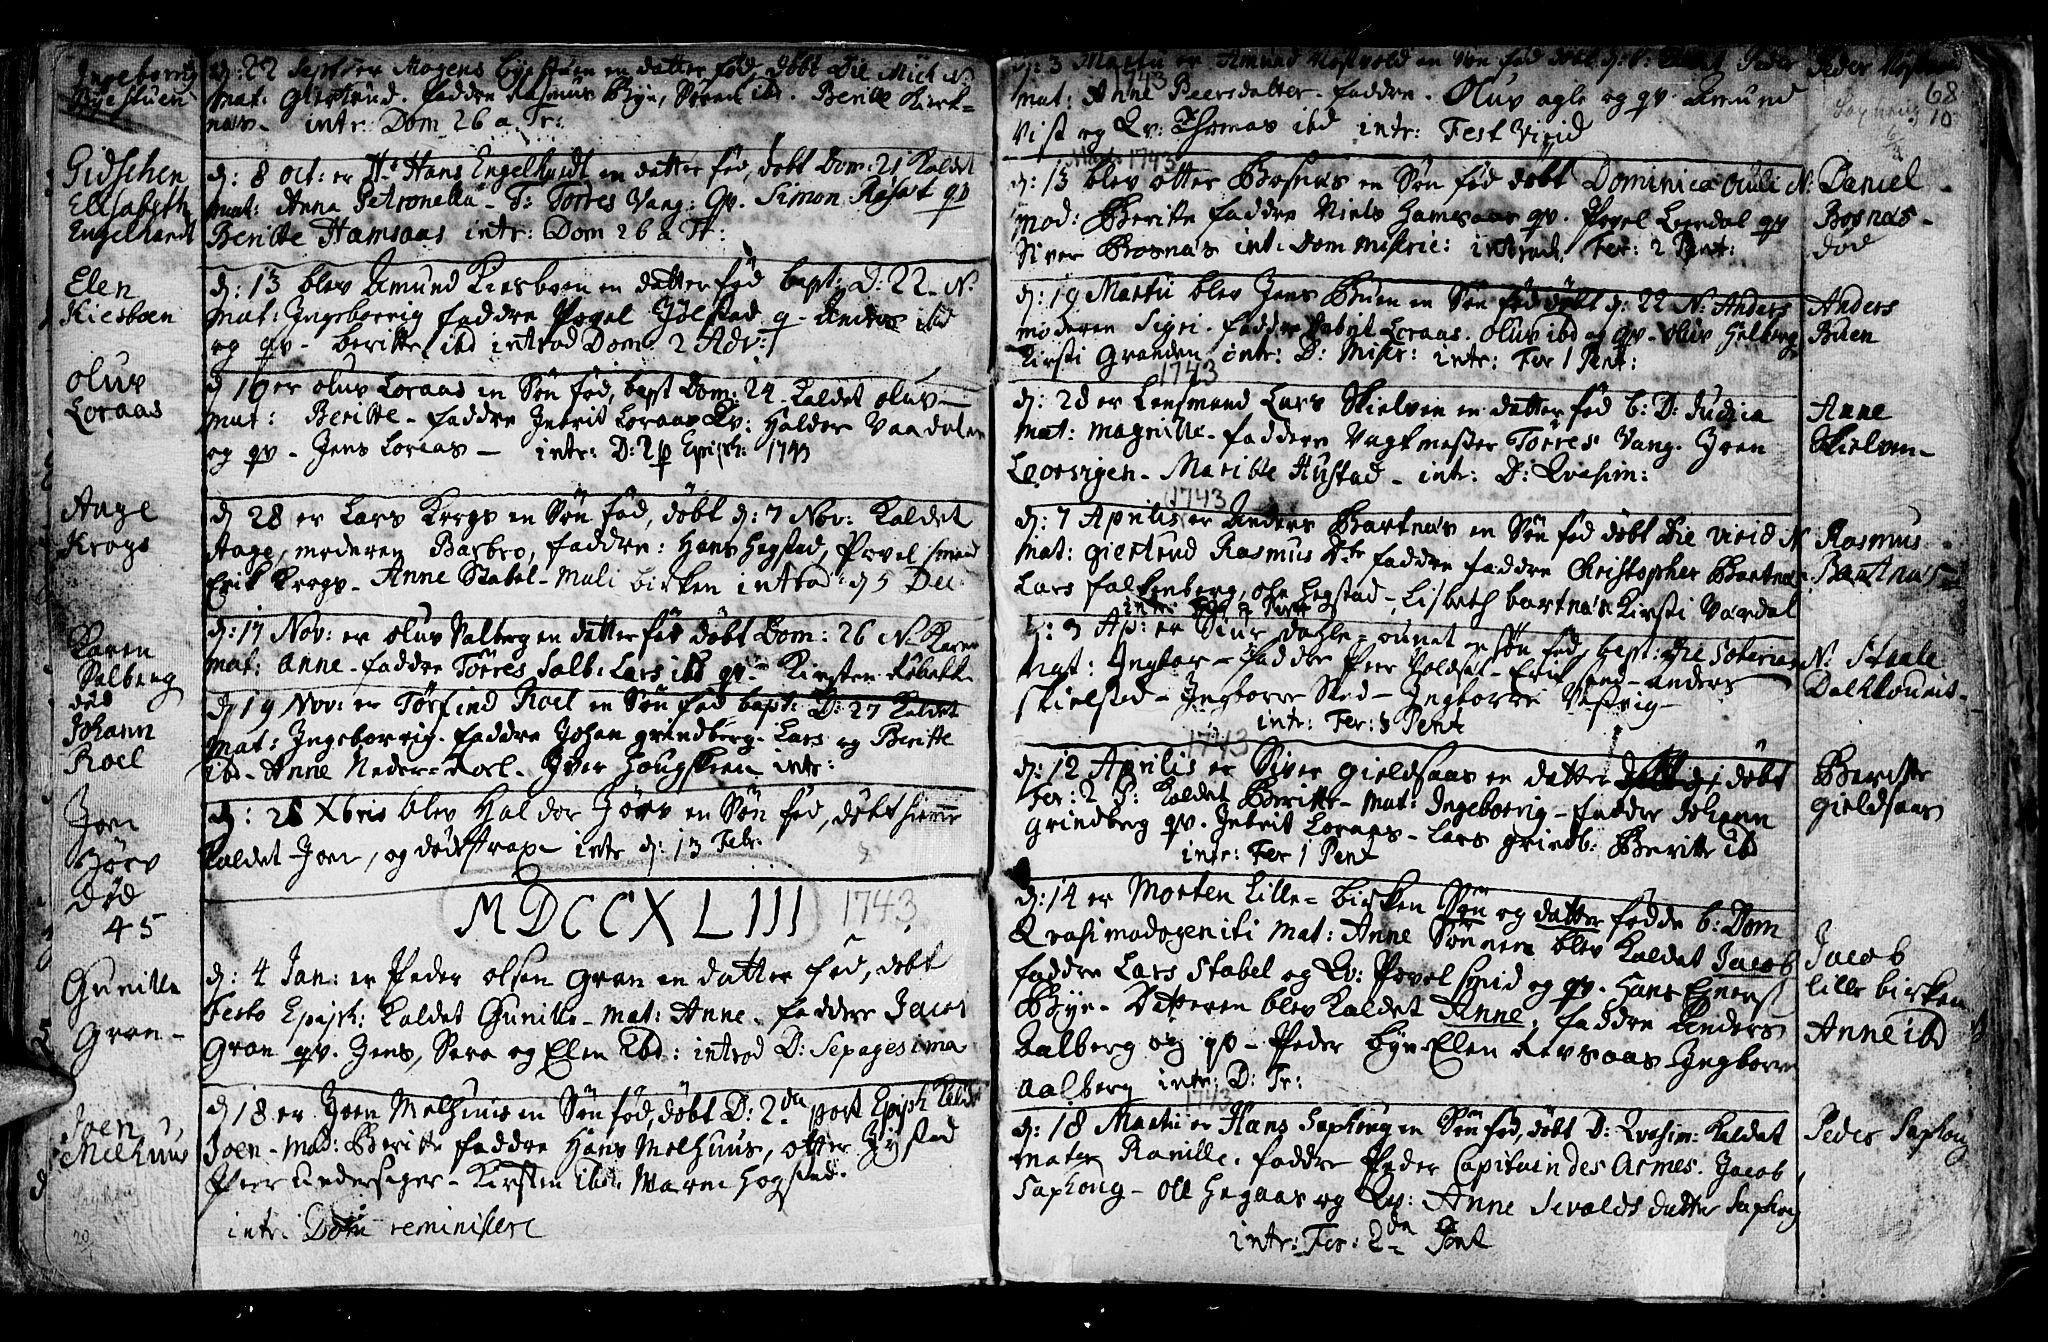 SAT, Ministerialprotokoller, klokkerbøker og fødselsregistre - Nord-Trøndelag, 730/L0272: Ministerialbok nr. 730A01, 1733-1764, s. 68